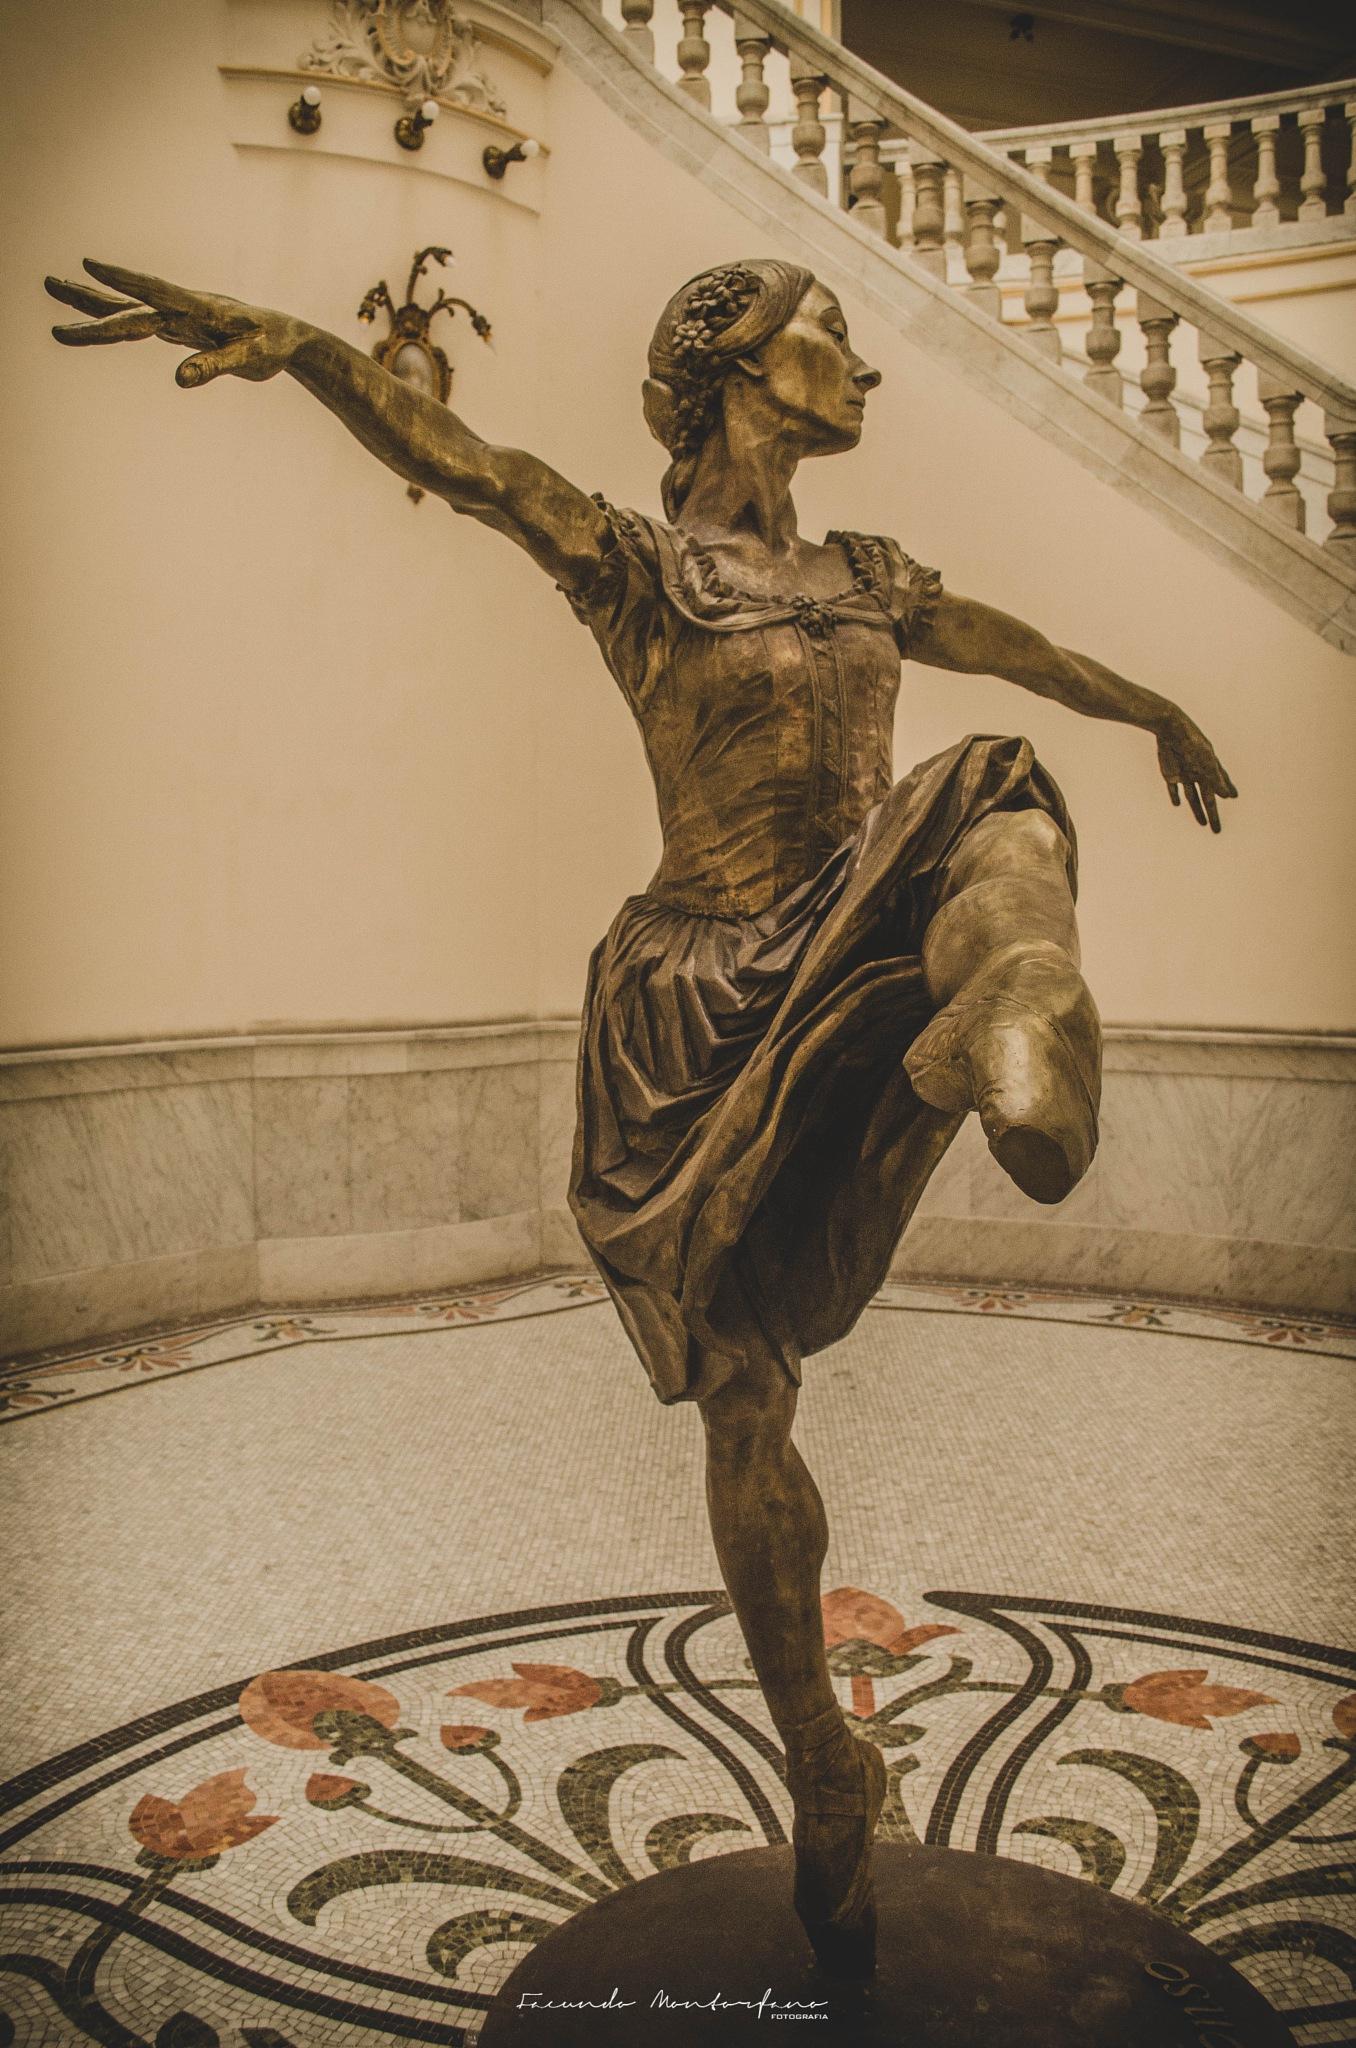 Bailar by Facundo Montorfano